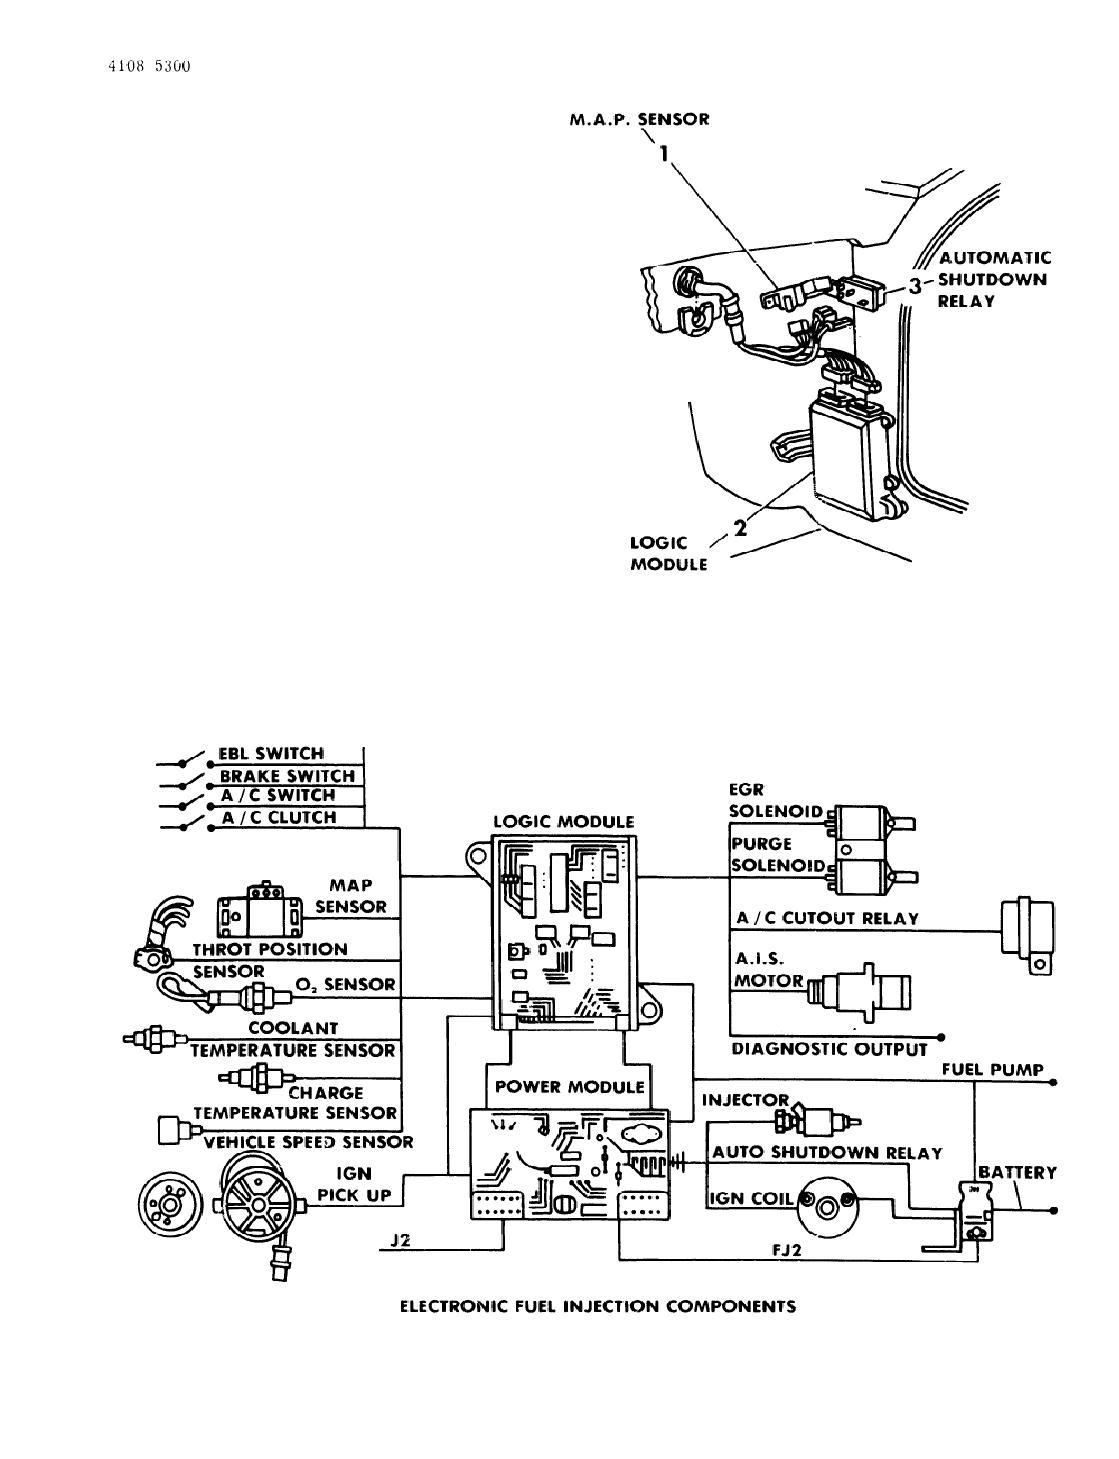 1984 Dodge Rampage M A P  Sensor  U0026 Logic Module